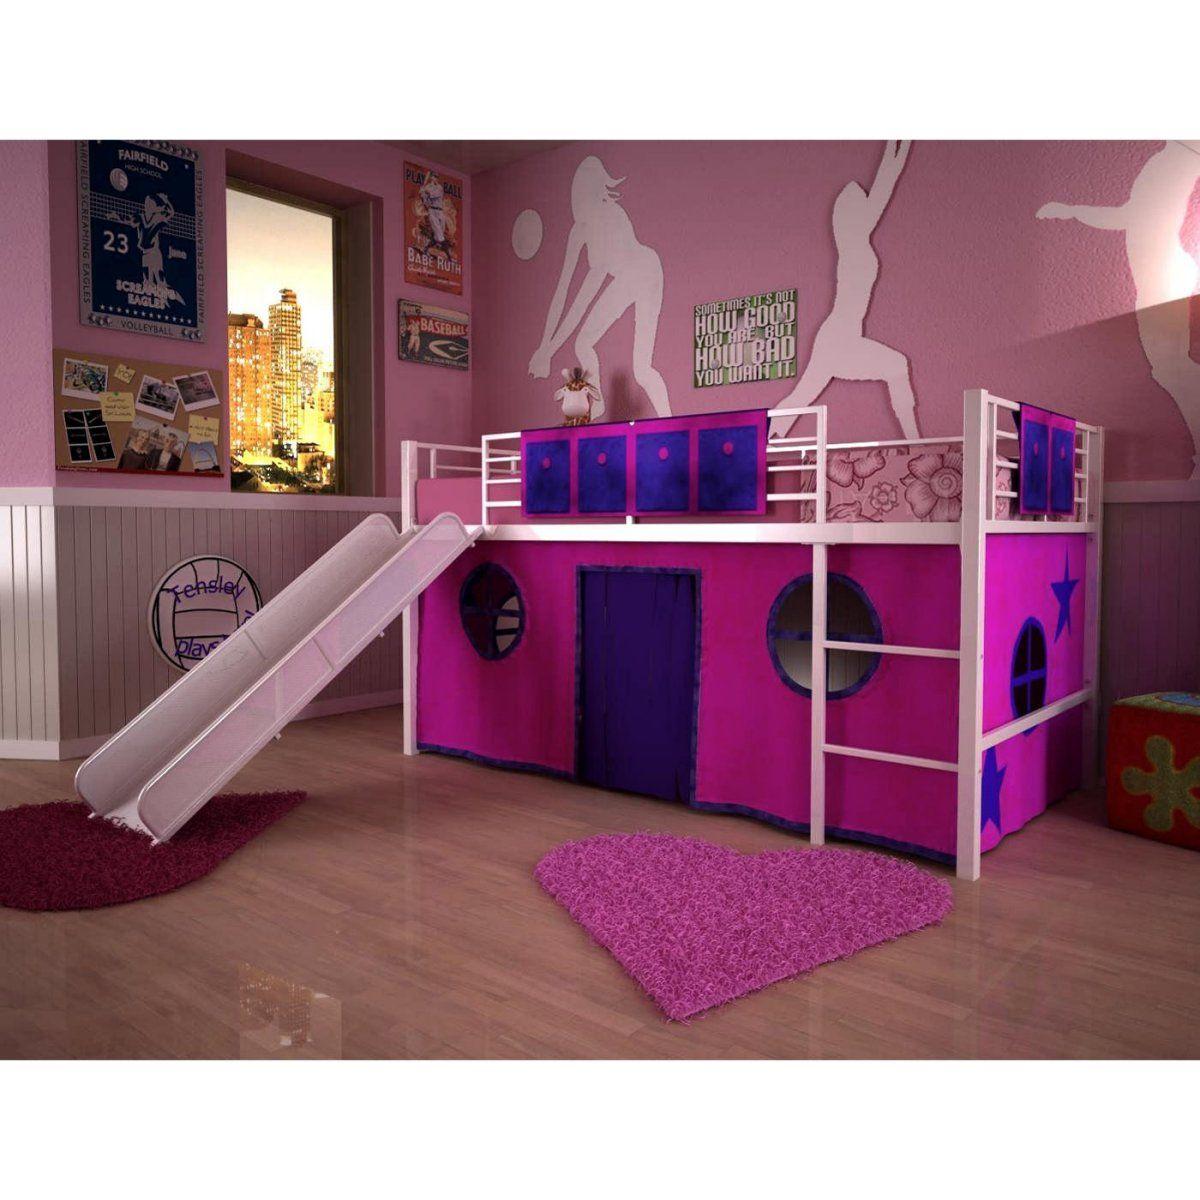 Junior Fantasy Loft With Slide White Compare Price 250 00 W